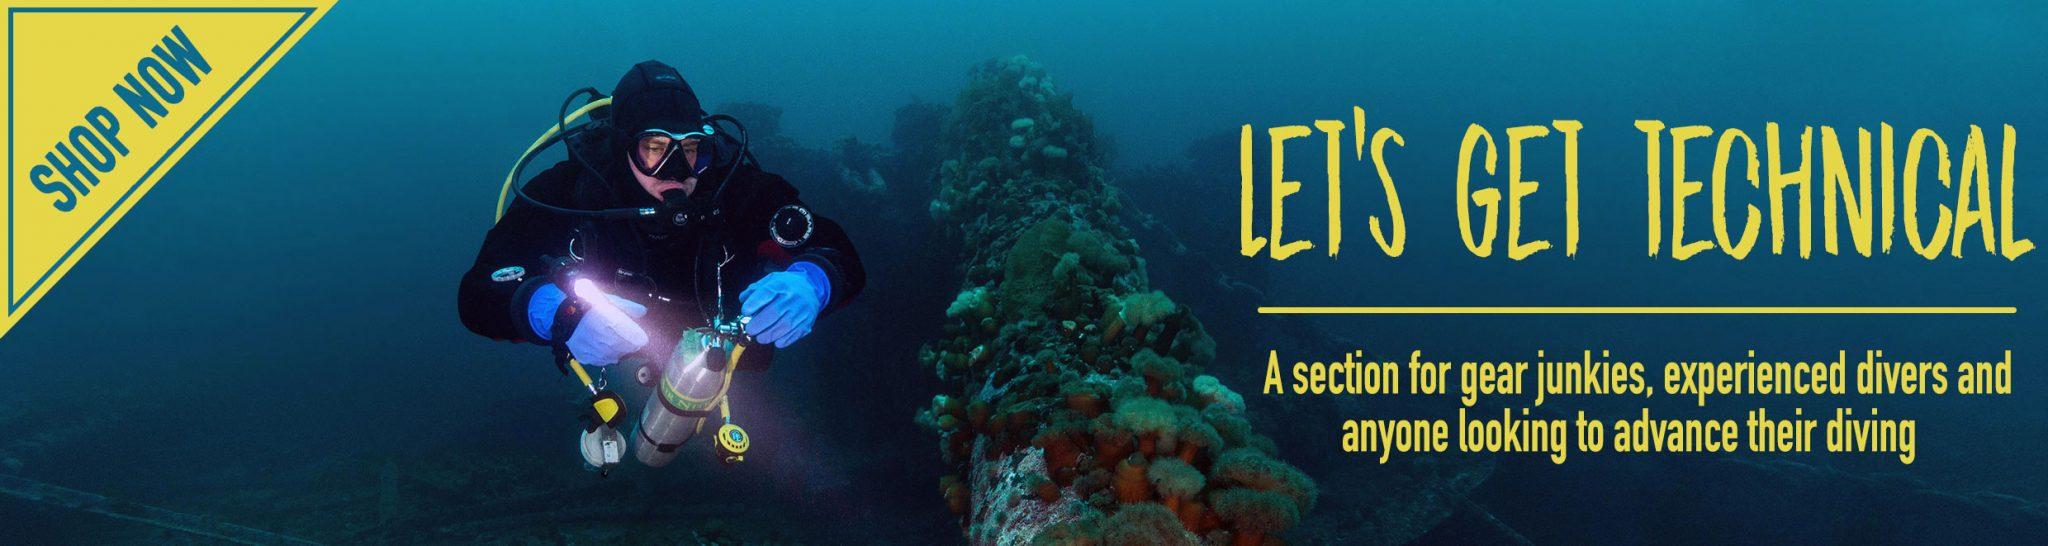 Dive Buddies 4 Life Shop Technical Dive Gear